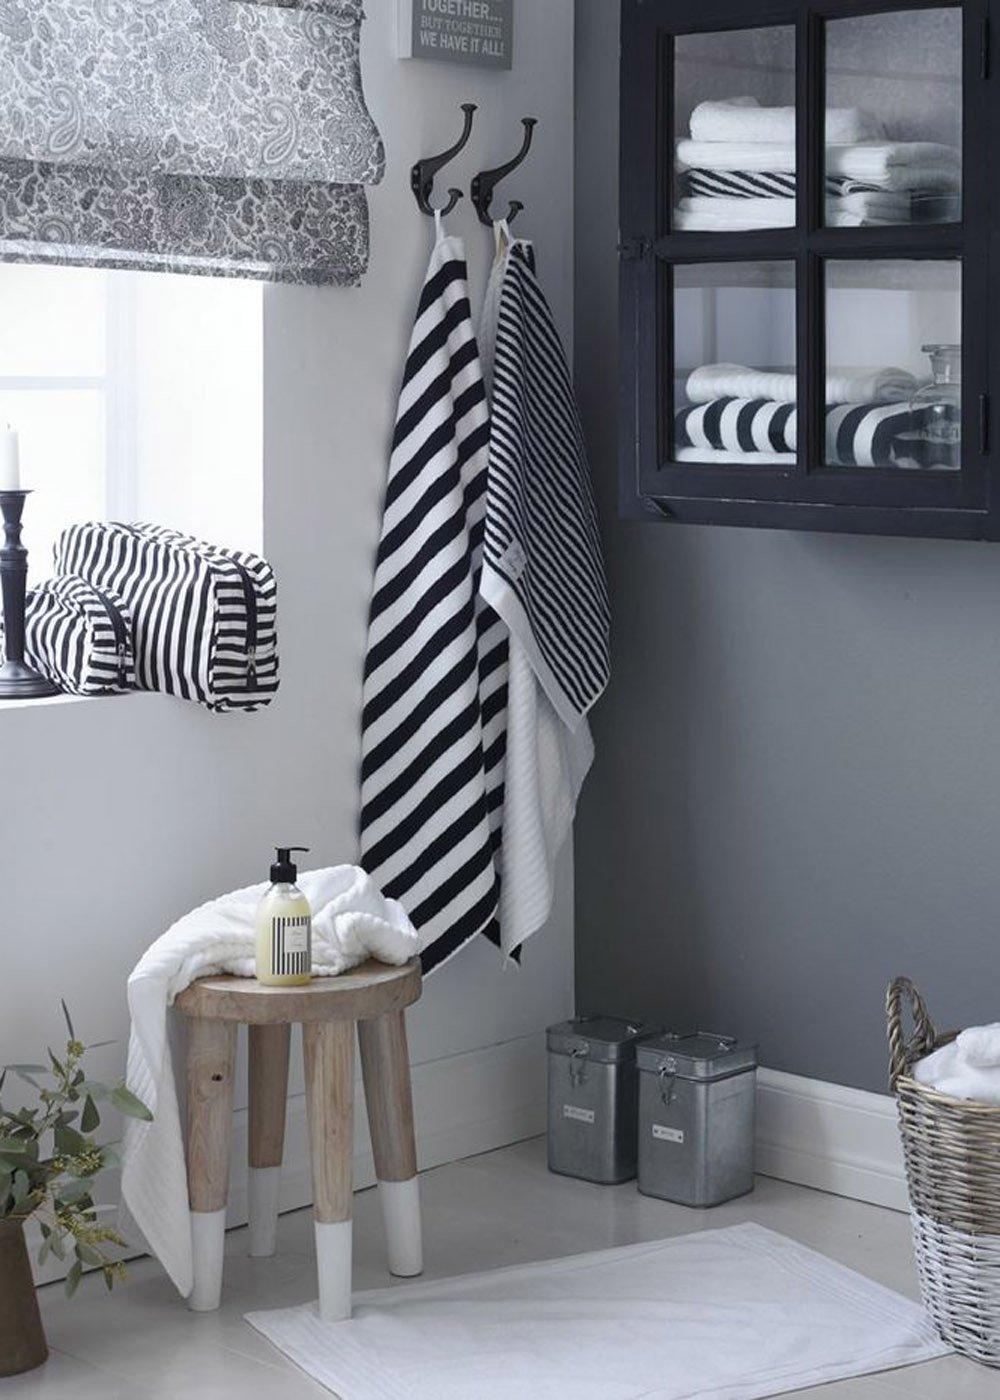 Tabouret salle de bain fly - Idée pour la maison et cuisine